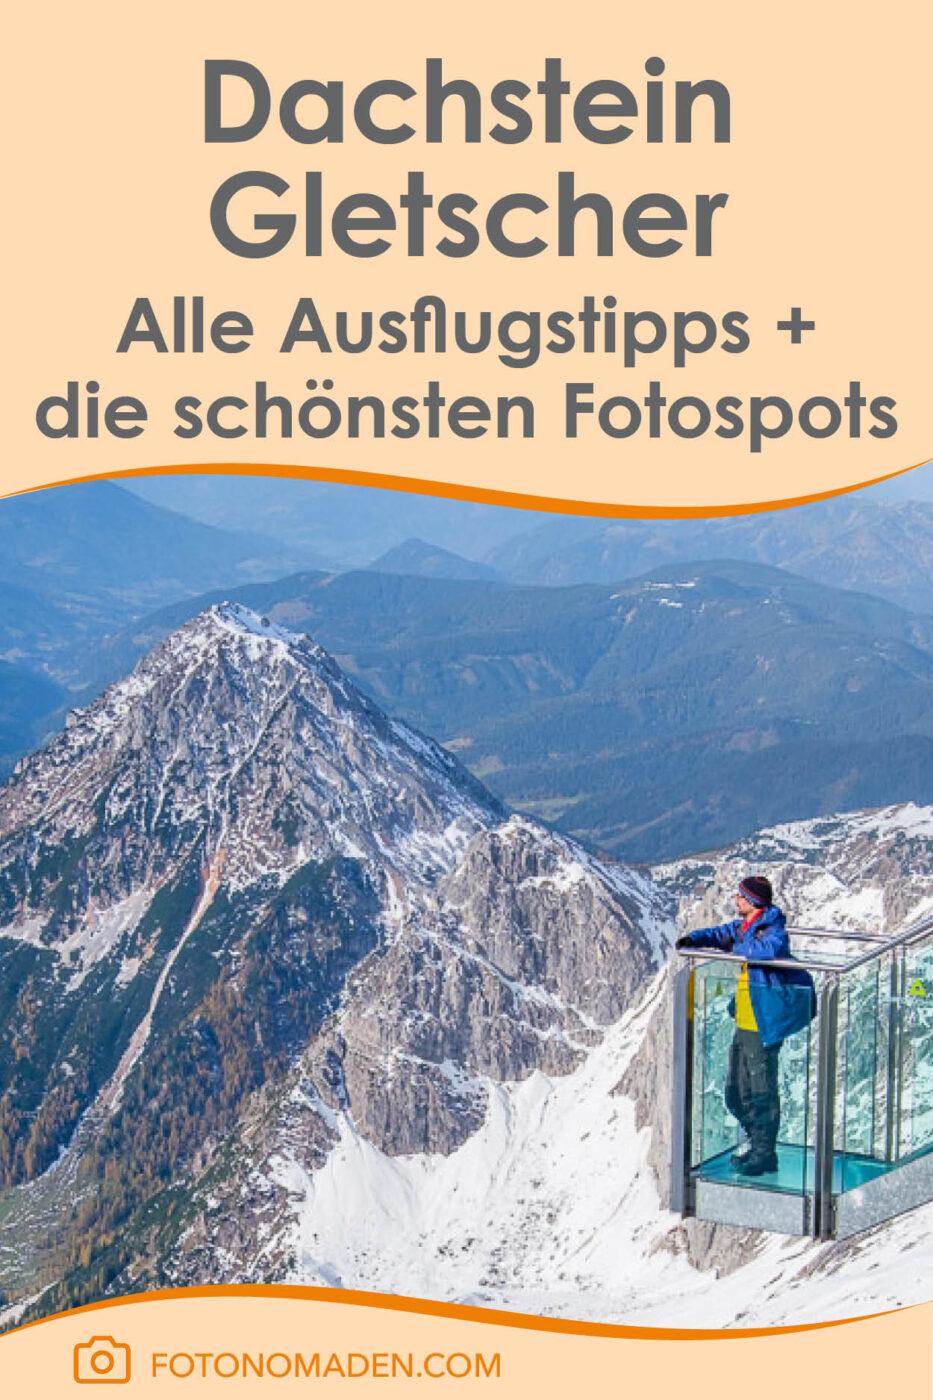 Dachstein Gletscher Pin